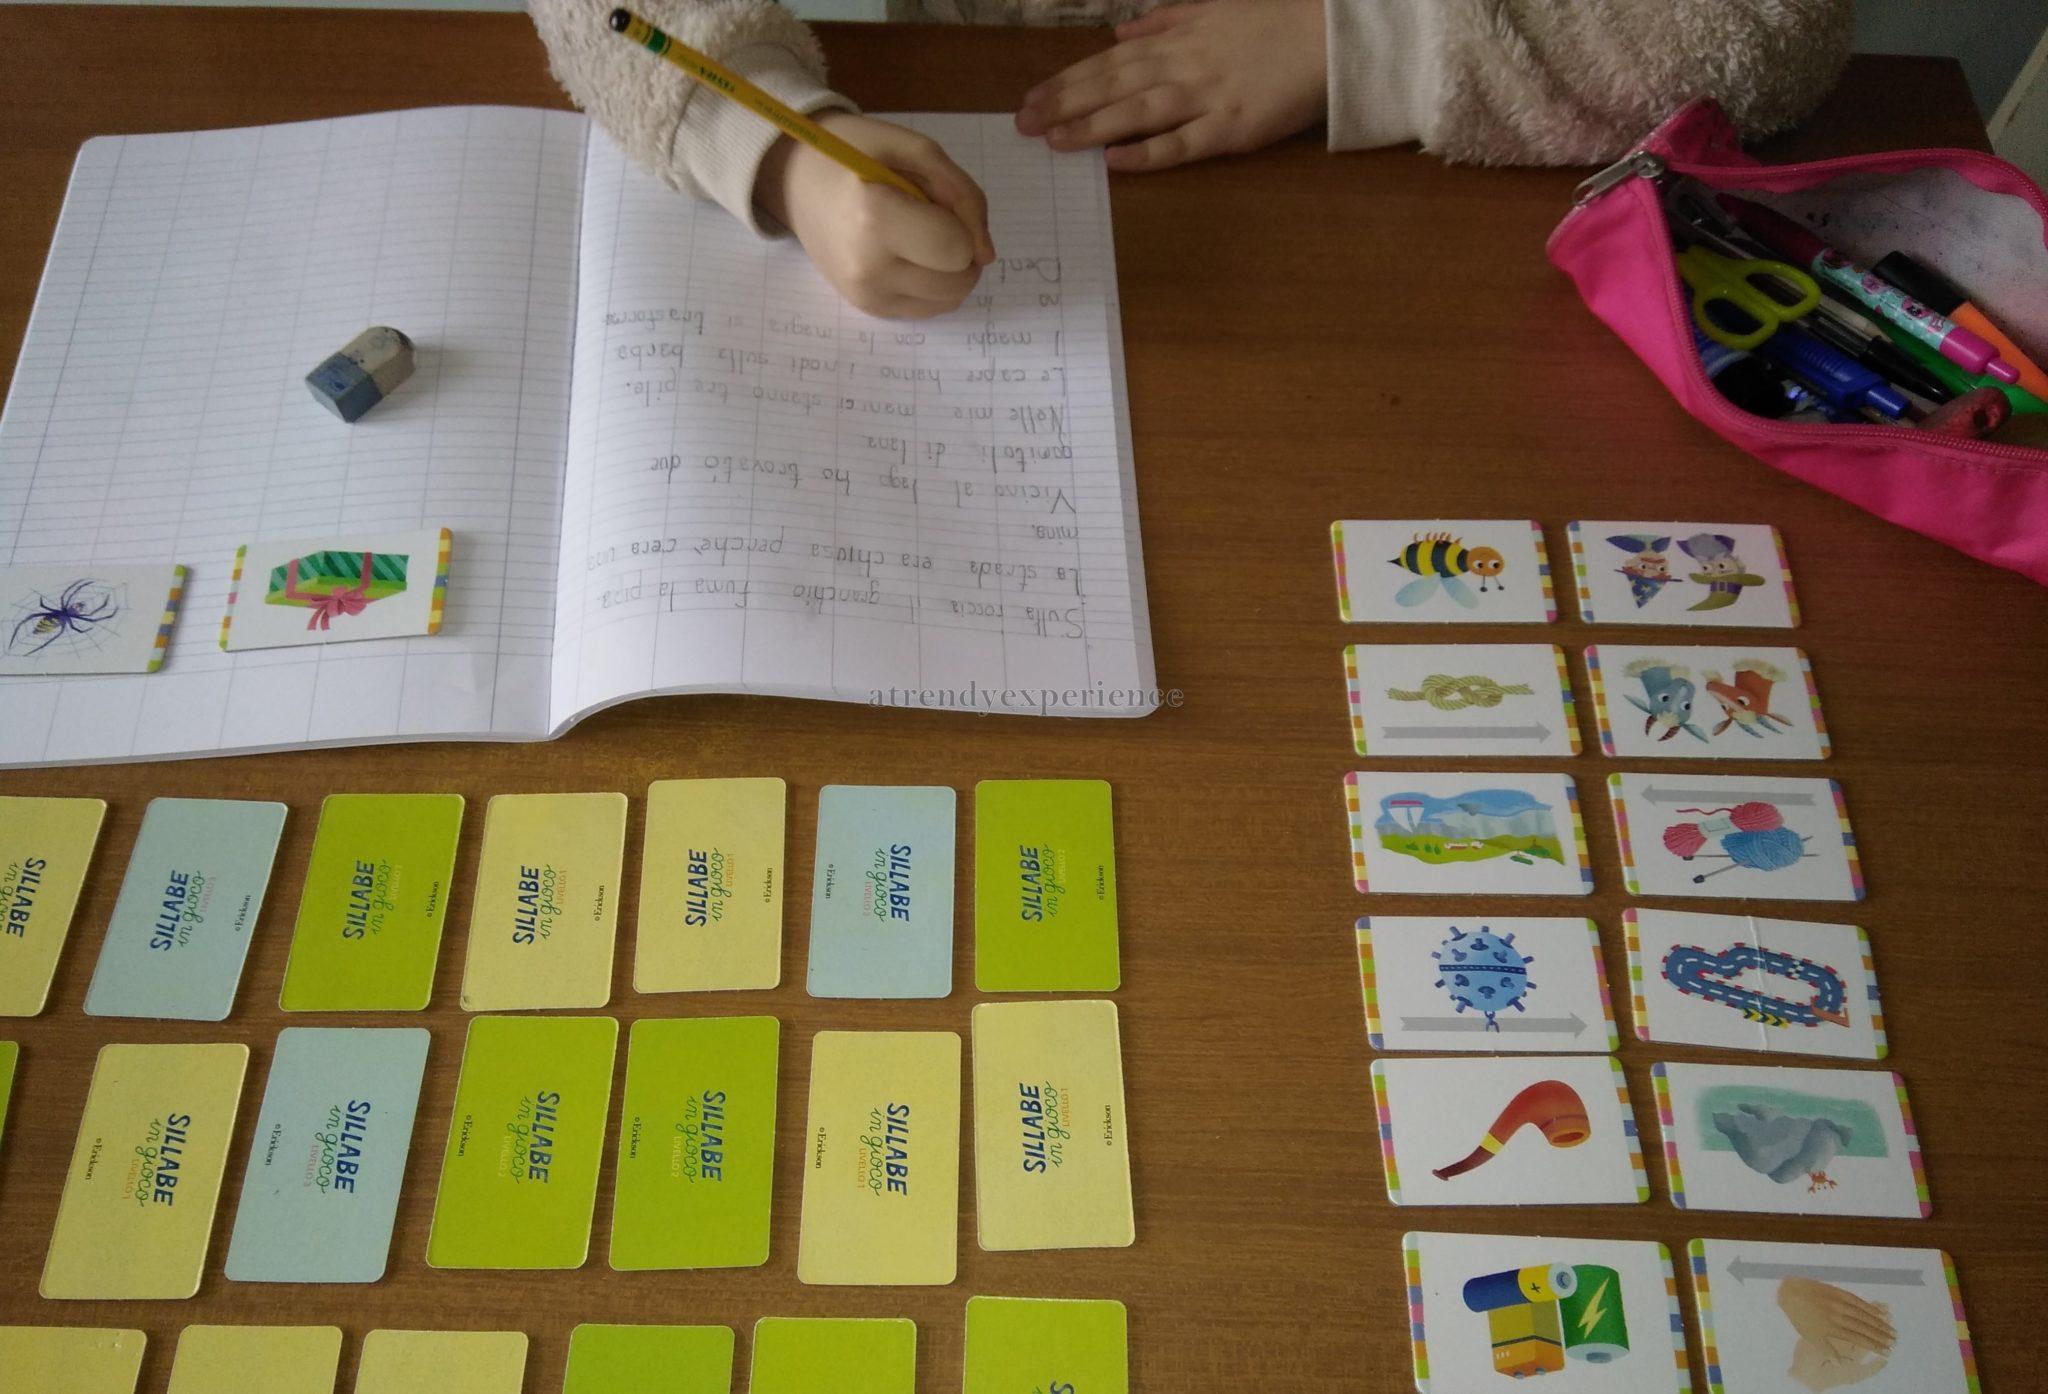 sillabario per imparare a scrivere